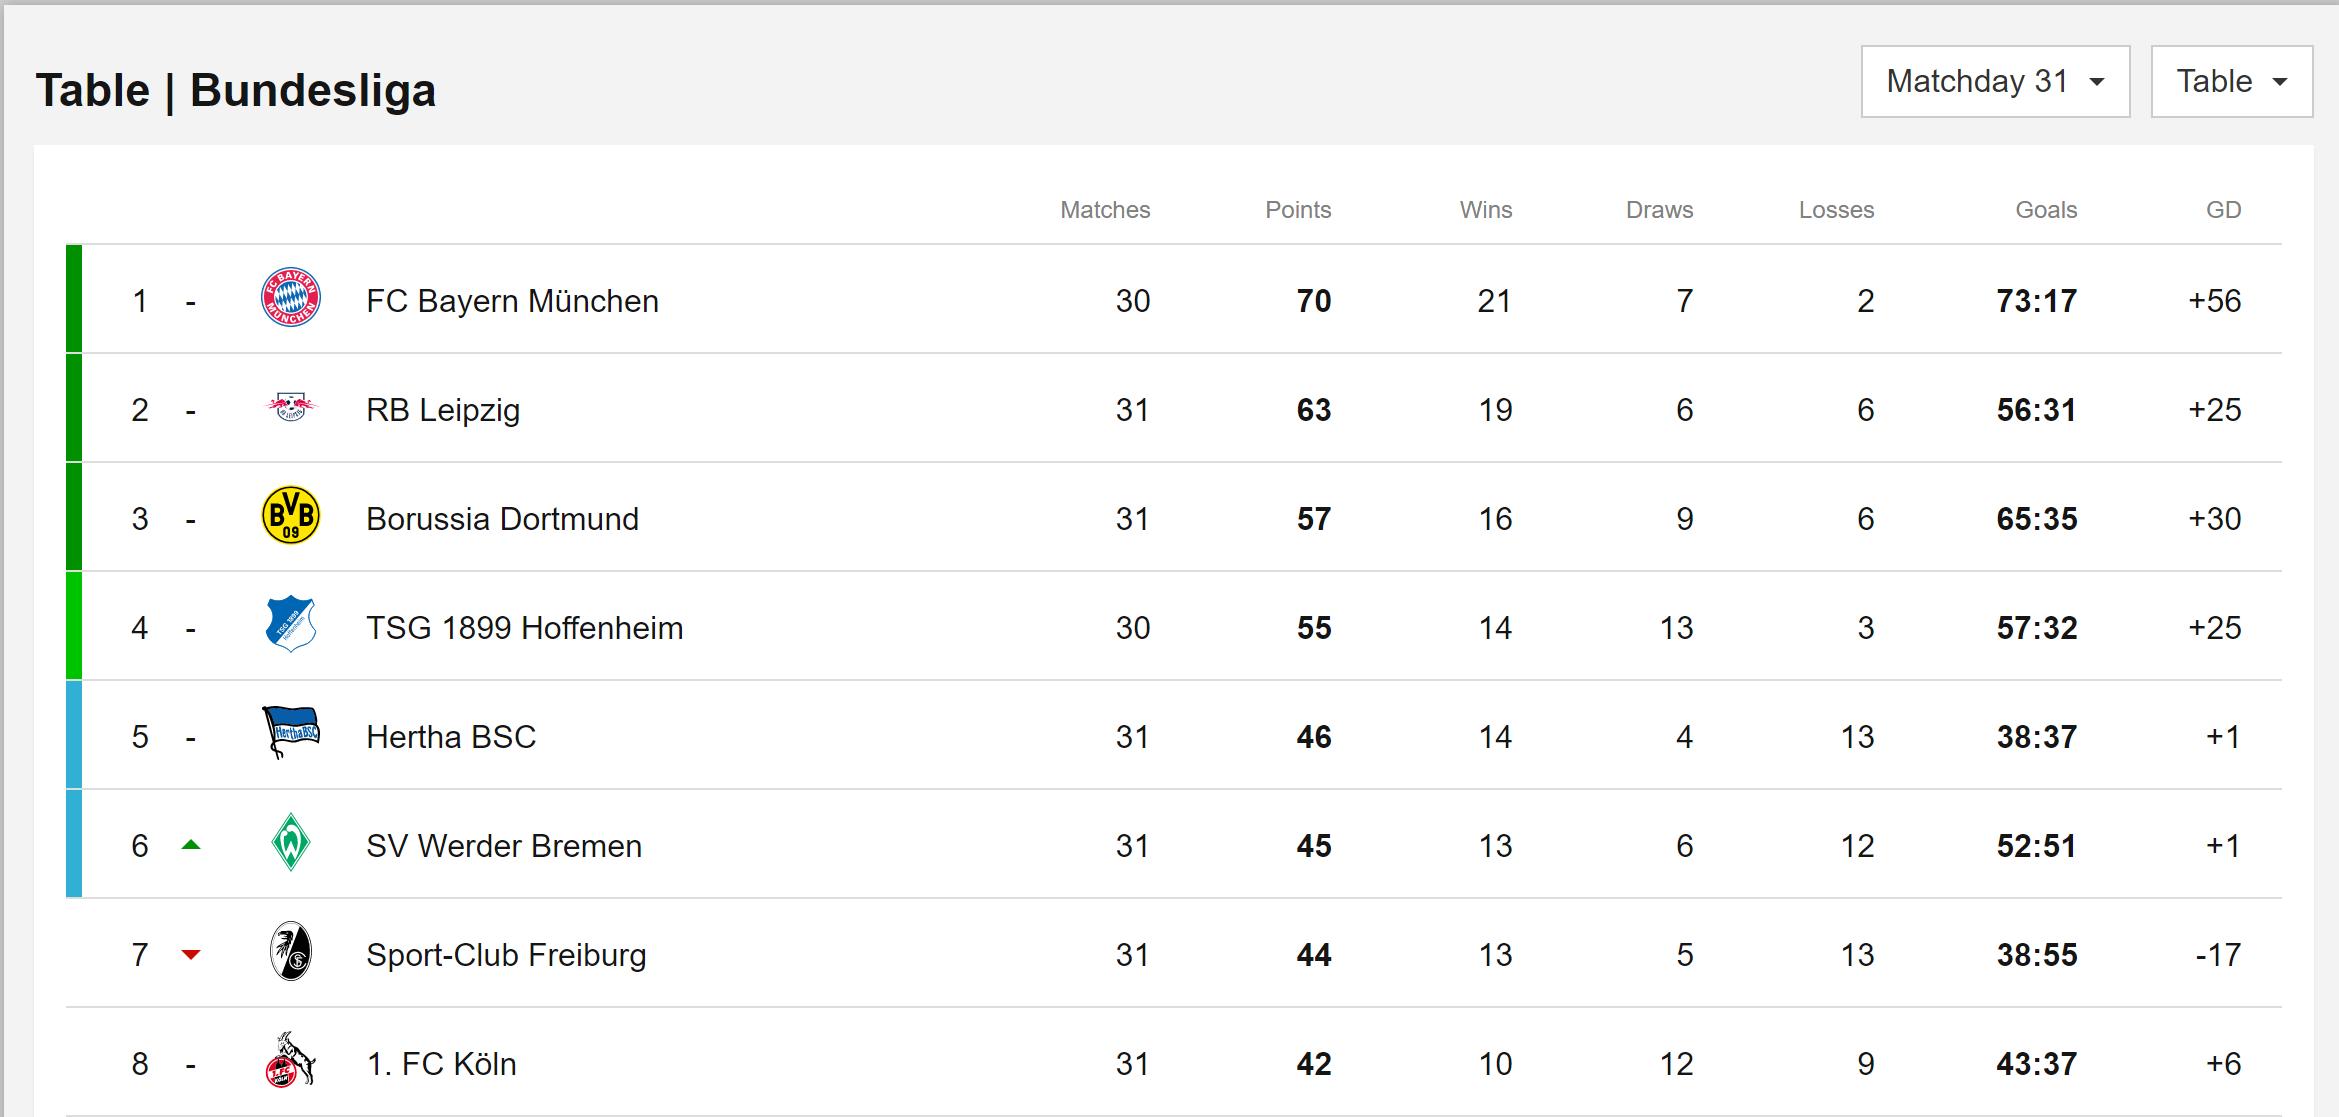 Bundesliga 3 table tabellen mit css2 und css3 ansprechend - Bundesliga premier league table ...